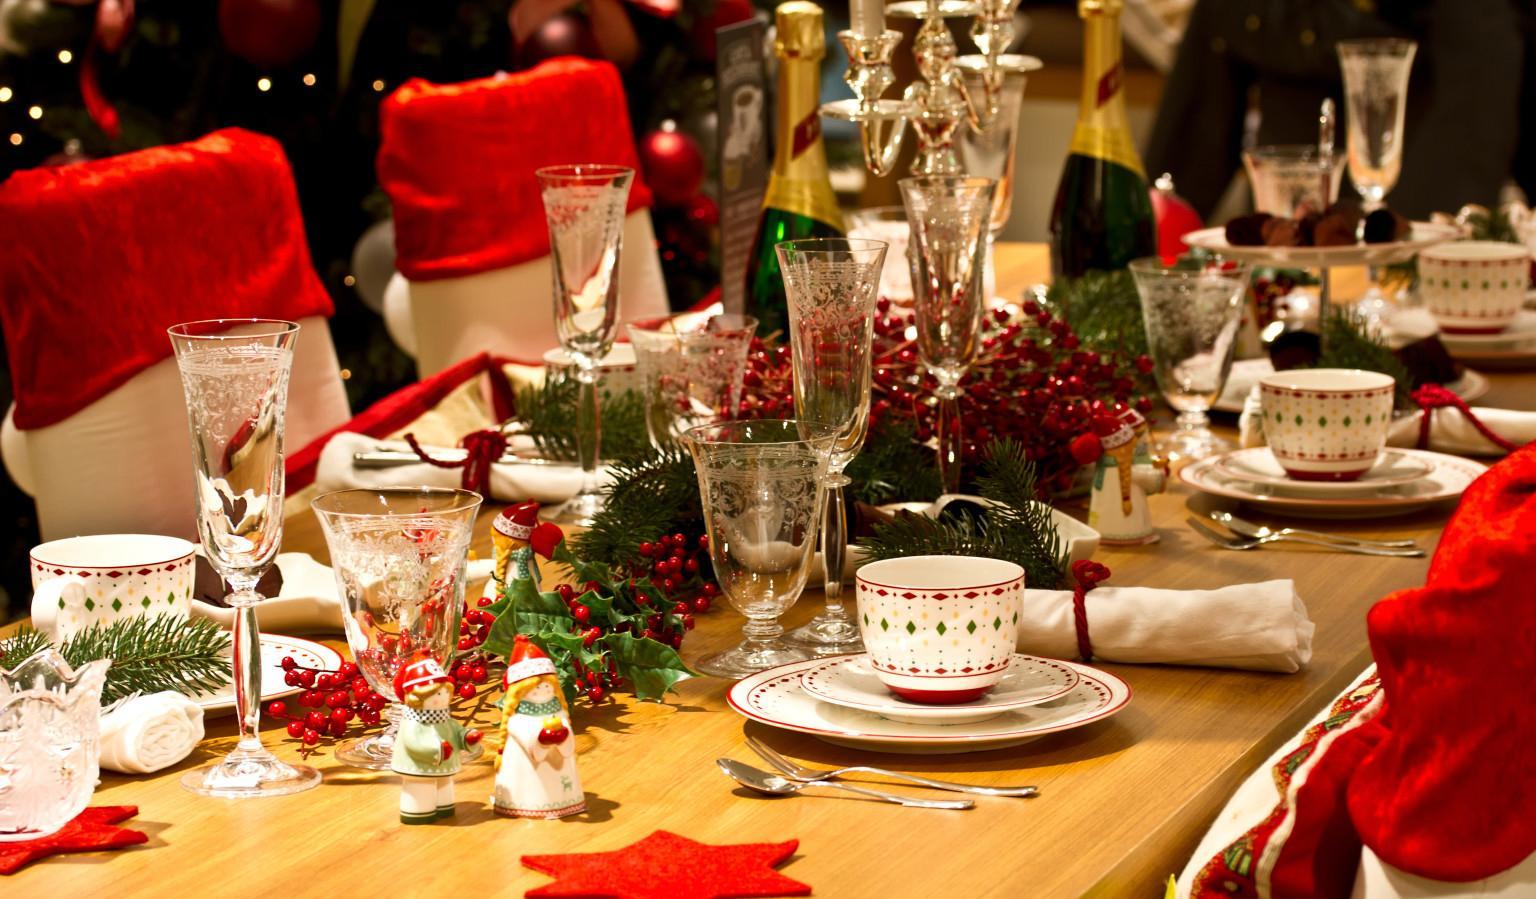 Украшение новогоднего стола в красно-зеленых тонах